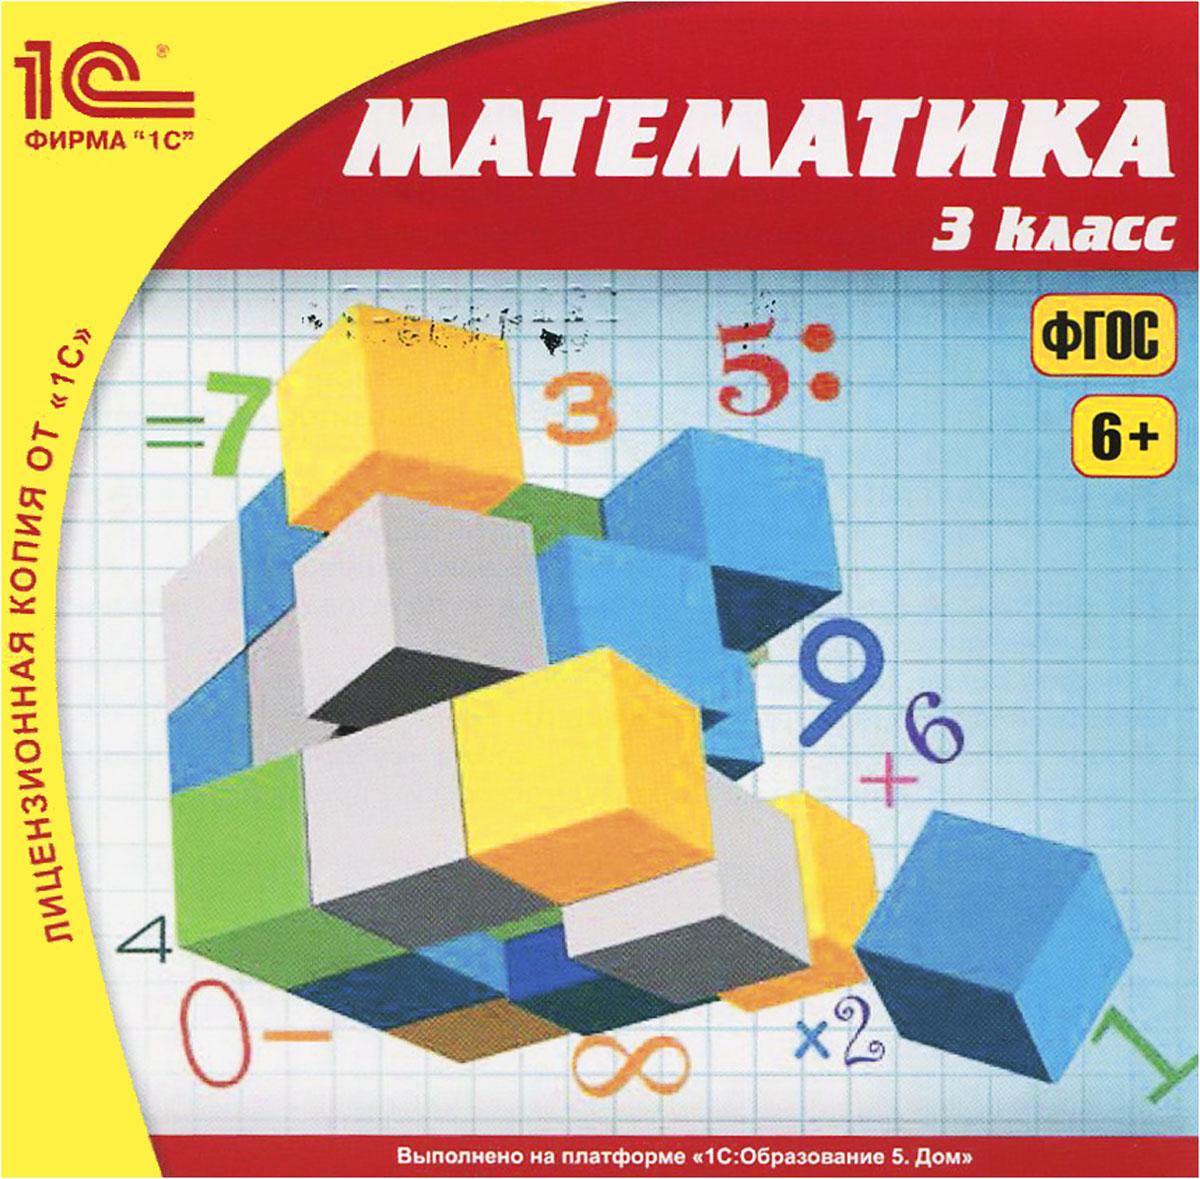 1С:Школа. Математика. 3 класс (ФГОС)В учебном пособии 1С:Школа. Математика. 3 класс рассматриваются таблица умножения, внетабличное умножение, и деление в пределах 100, устные вычисления в пределах 100, письменные вычисления, площадь и периметр, величины и их измерения, решение уравнений, треугольники, четырехугольники, окружность, круг, доли и другие темы. Особый акцент сделан на решение тестовых задач. Пособие содержит учебные тексты, анимации, тренажеры, мини-игры и интерактивные таблицы. Тренажеры позволяют отработать приобретенные знания в увлекательной форме. Мини-игры позволяют учащимся сменить род деятельности, также применяя полученные знания и навыки. Учебное пособие содержит более 390 тестовых вопросов, которые помогут закрепить приобретенные знания. Особый акцент в пособии сделан на решение текстовых задач. Данное пособие разработано для учащихся 3-го класса начальной общеобразовательной школы в соответствии с требованиями нового ФГОС НОО.